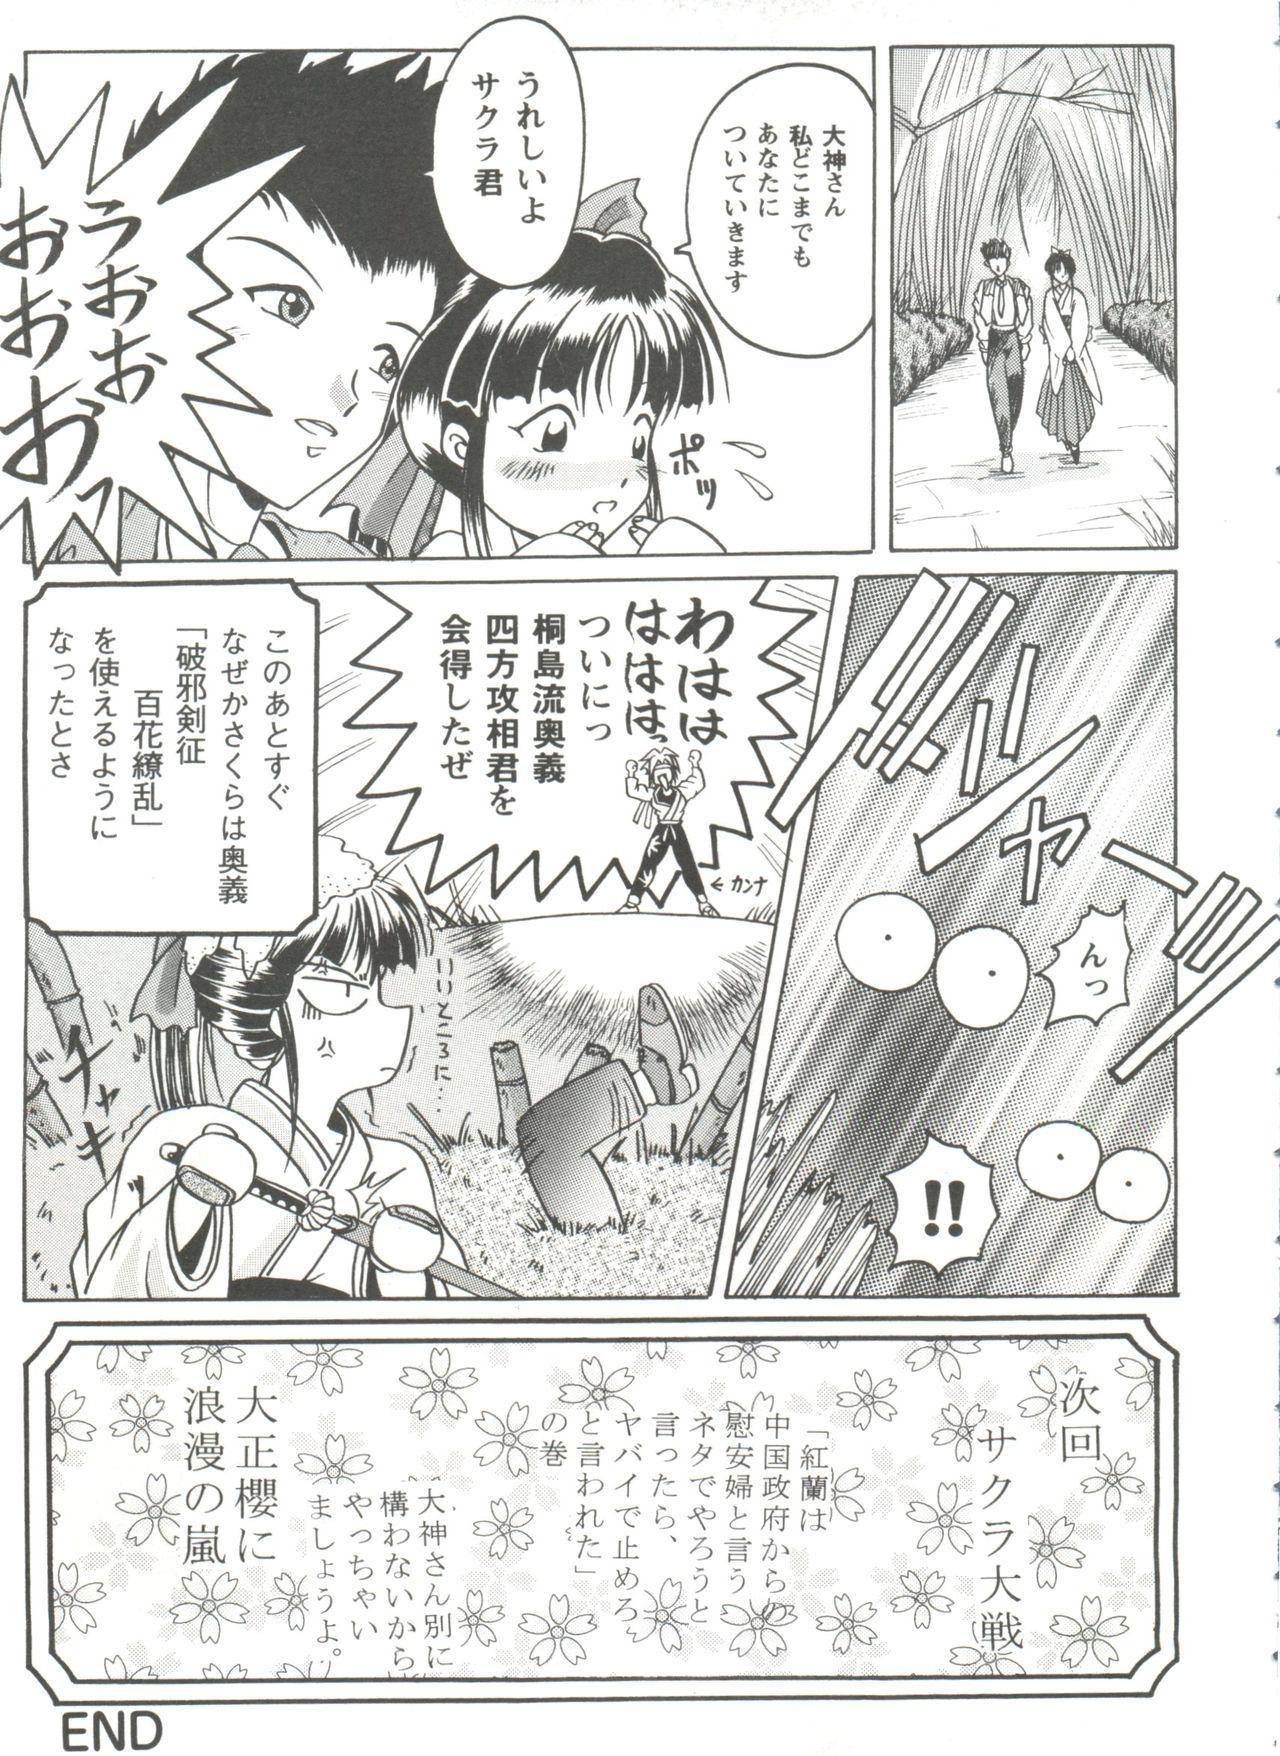 Girl's Parade Scene 4 19